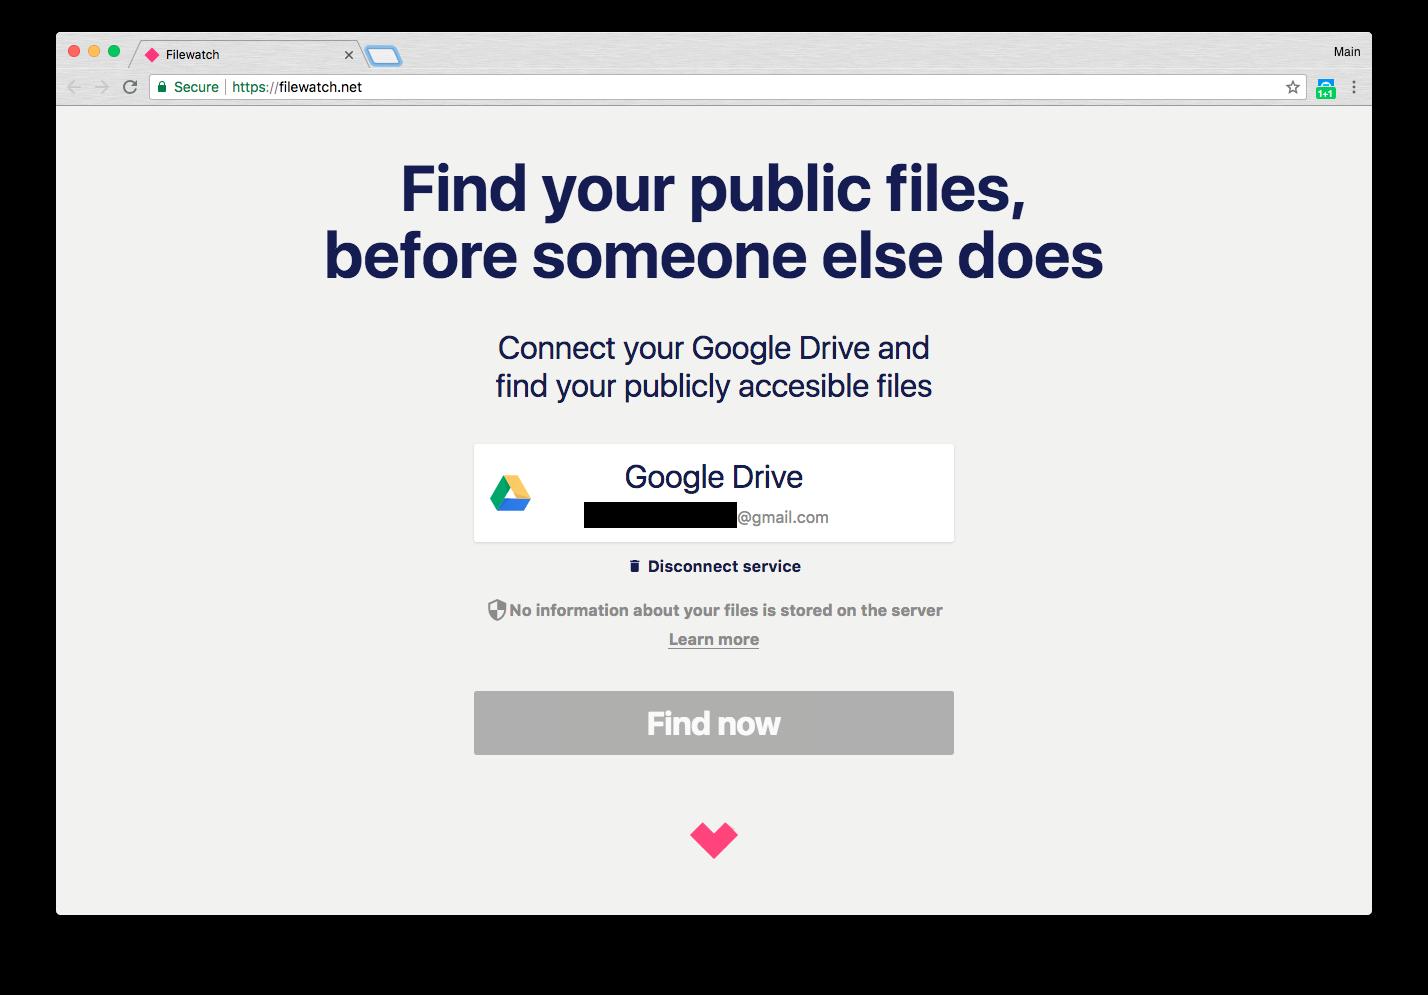 Dùng Filewatch tìm tập tin bạn đã chia sẻ công khai trên Google Drive